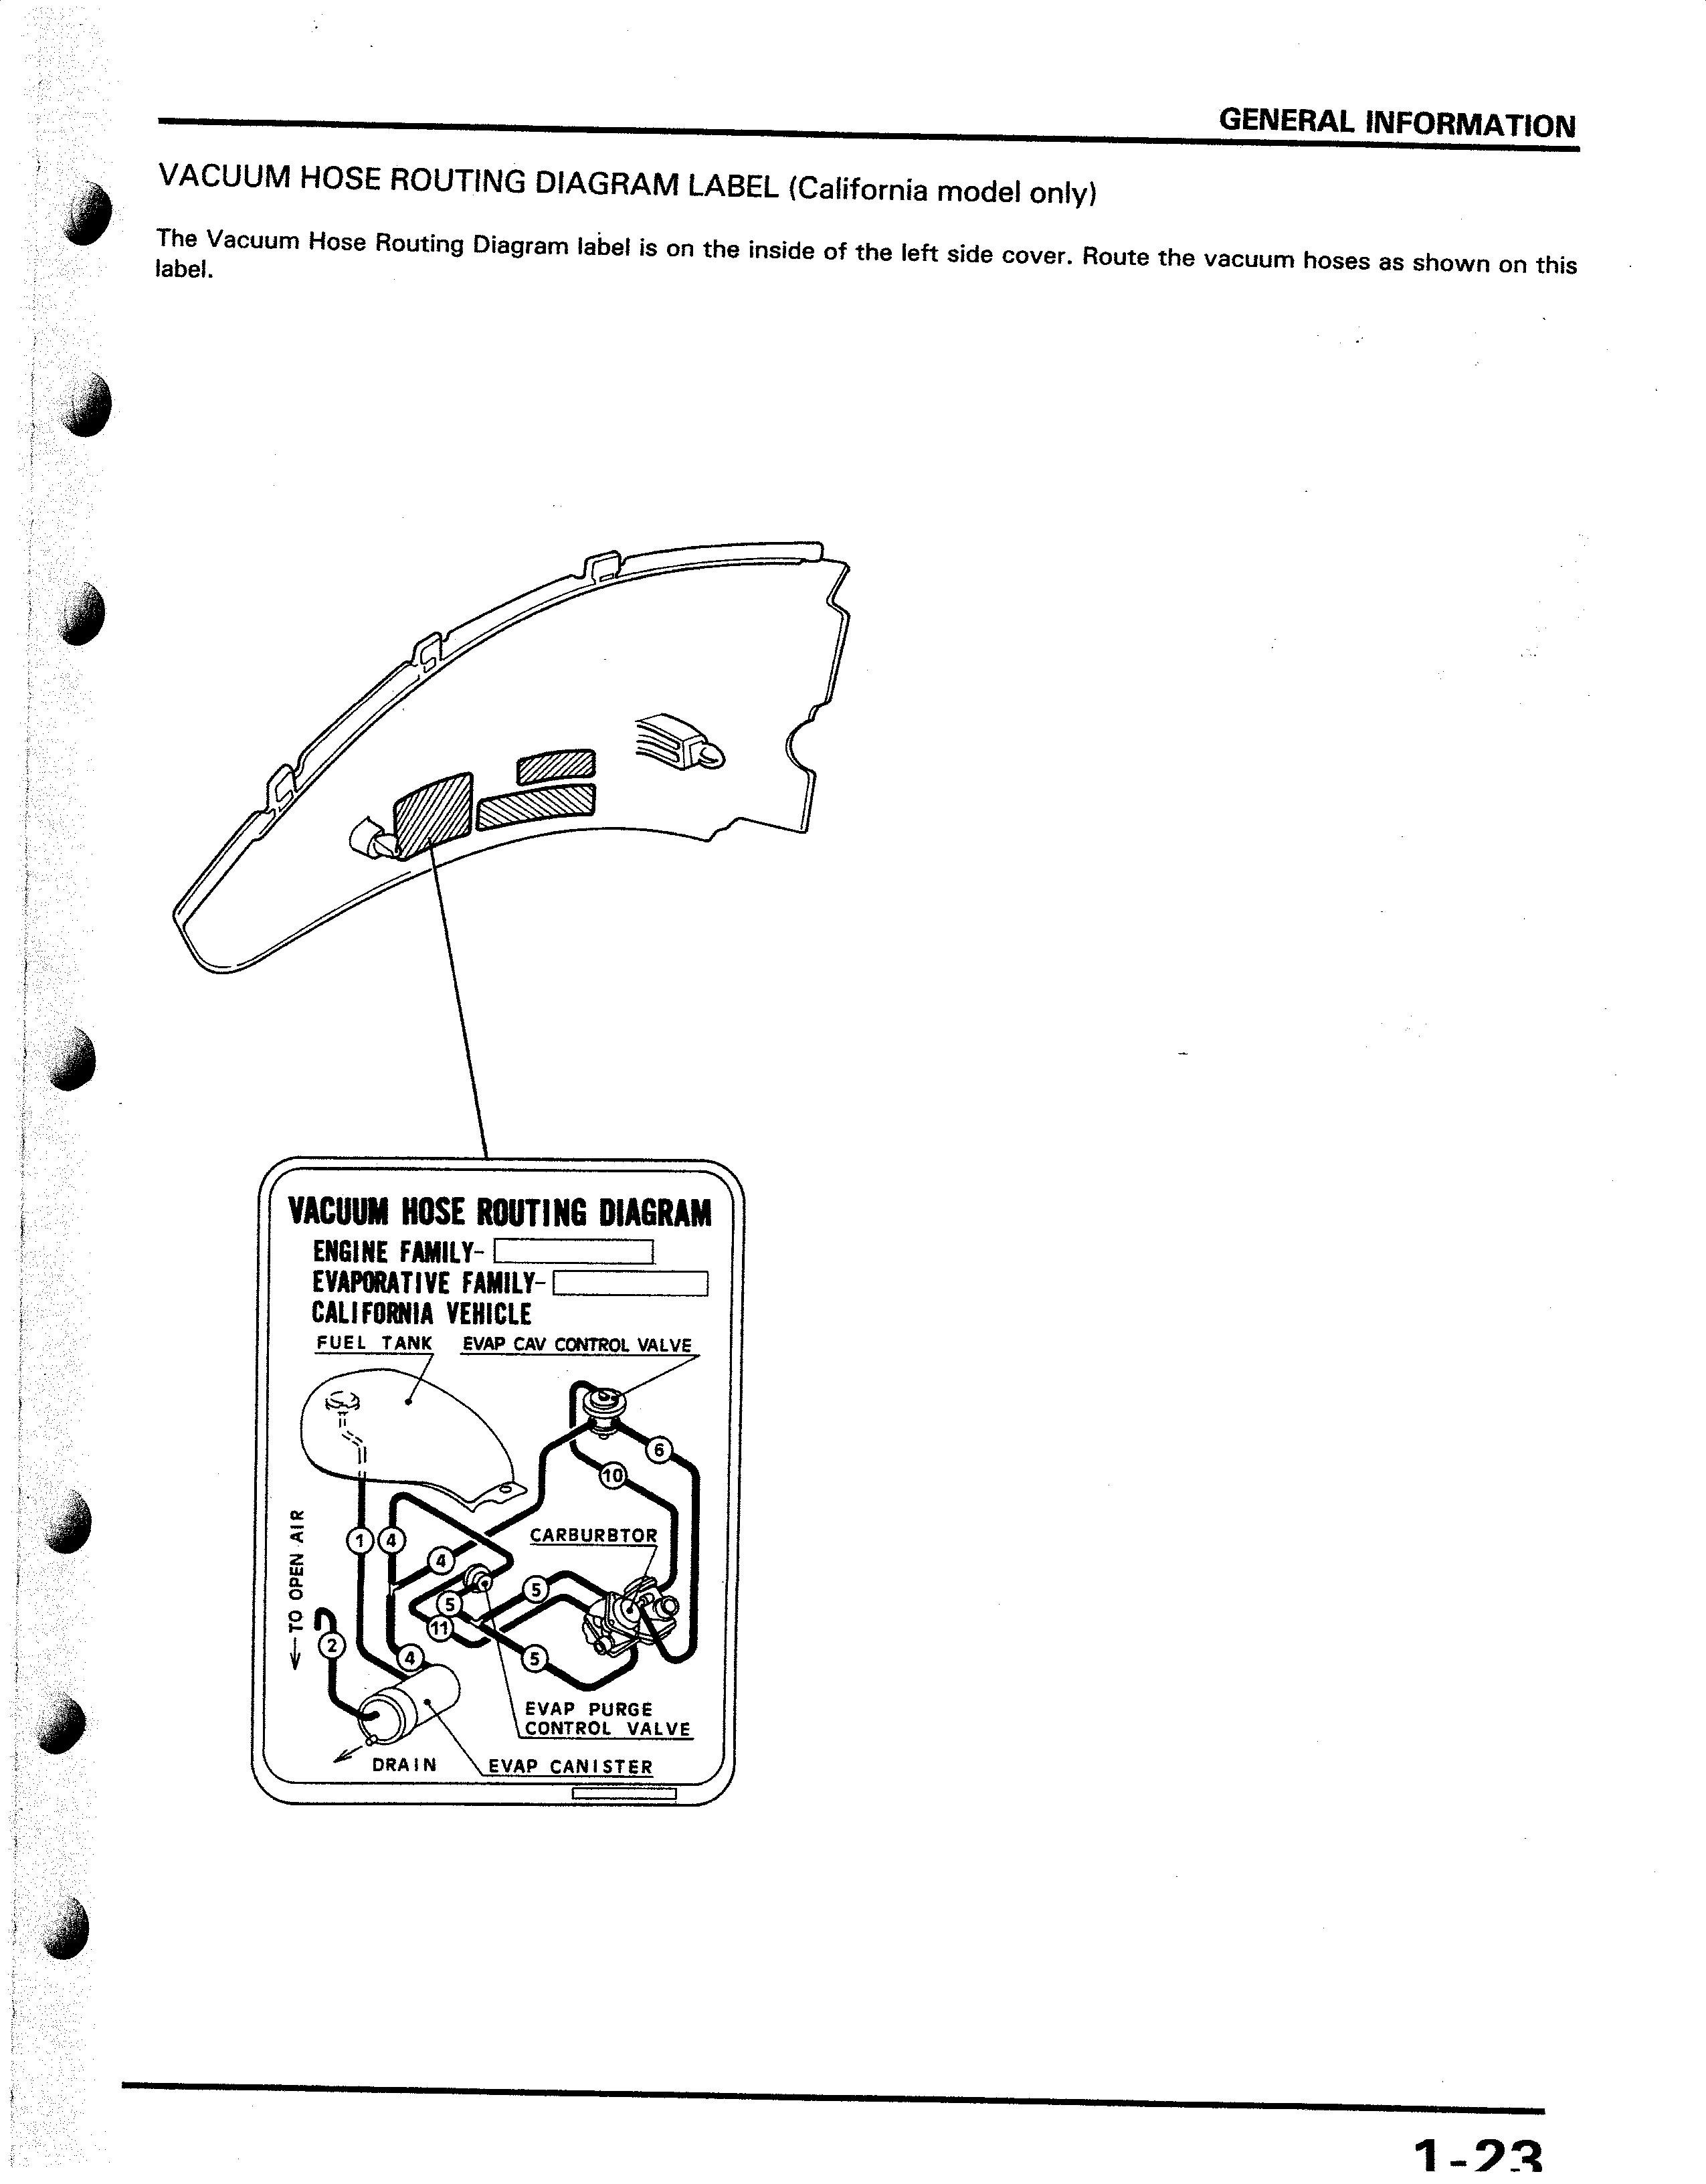 honda shadow carburetor hose diagram honda image 93 honda the vacuum and pressure air hoses control valve purge on honda shadow carburetor hose